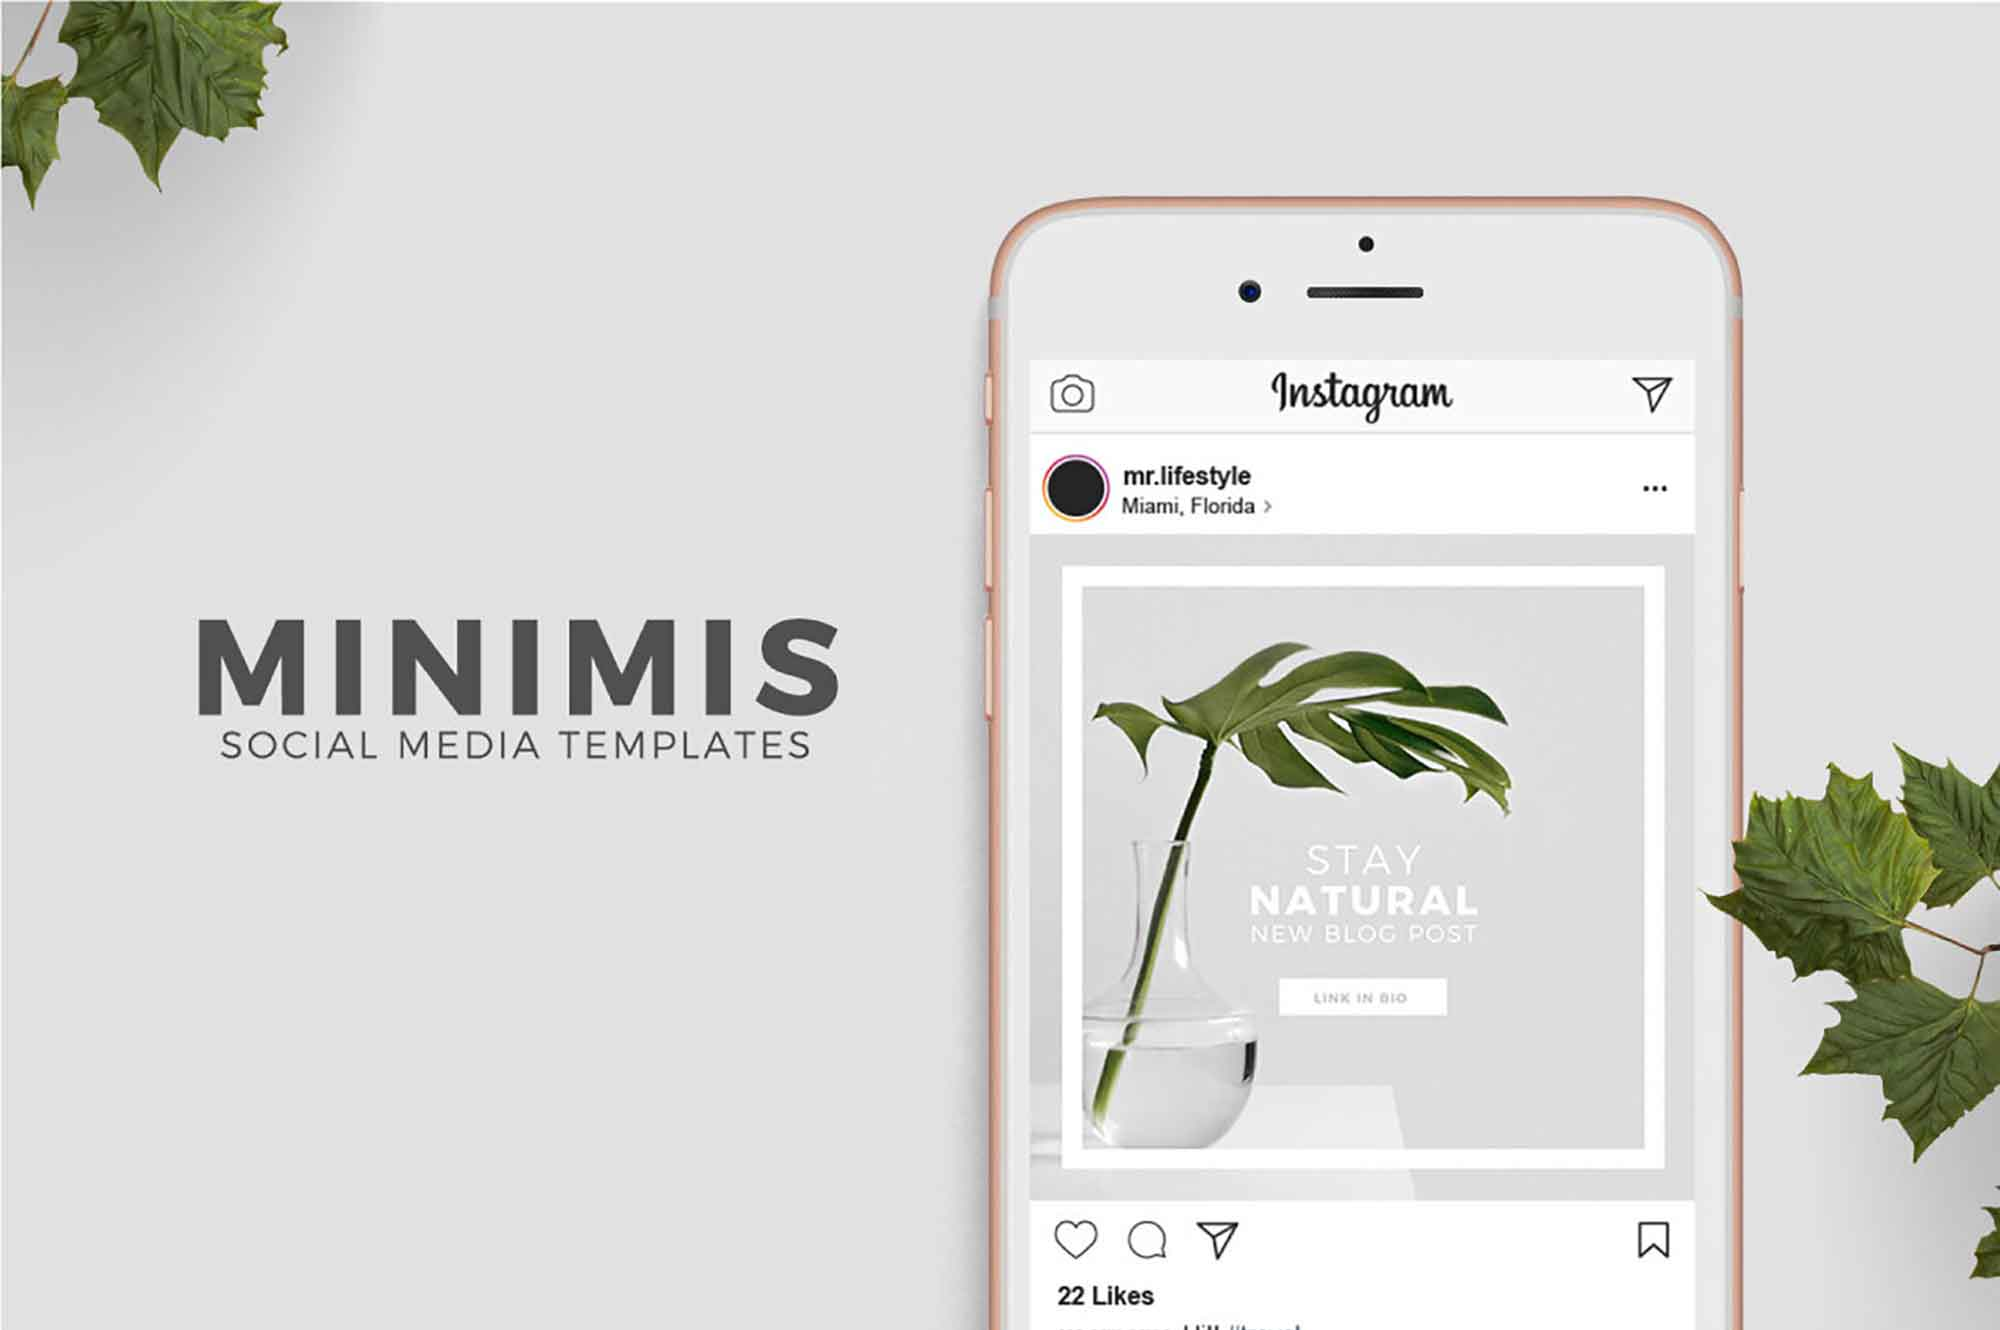 Instagram Social Media Templates